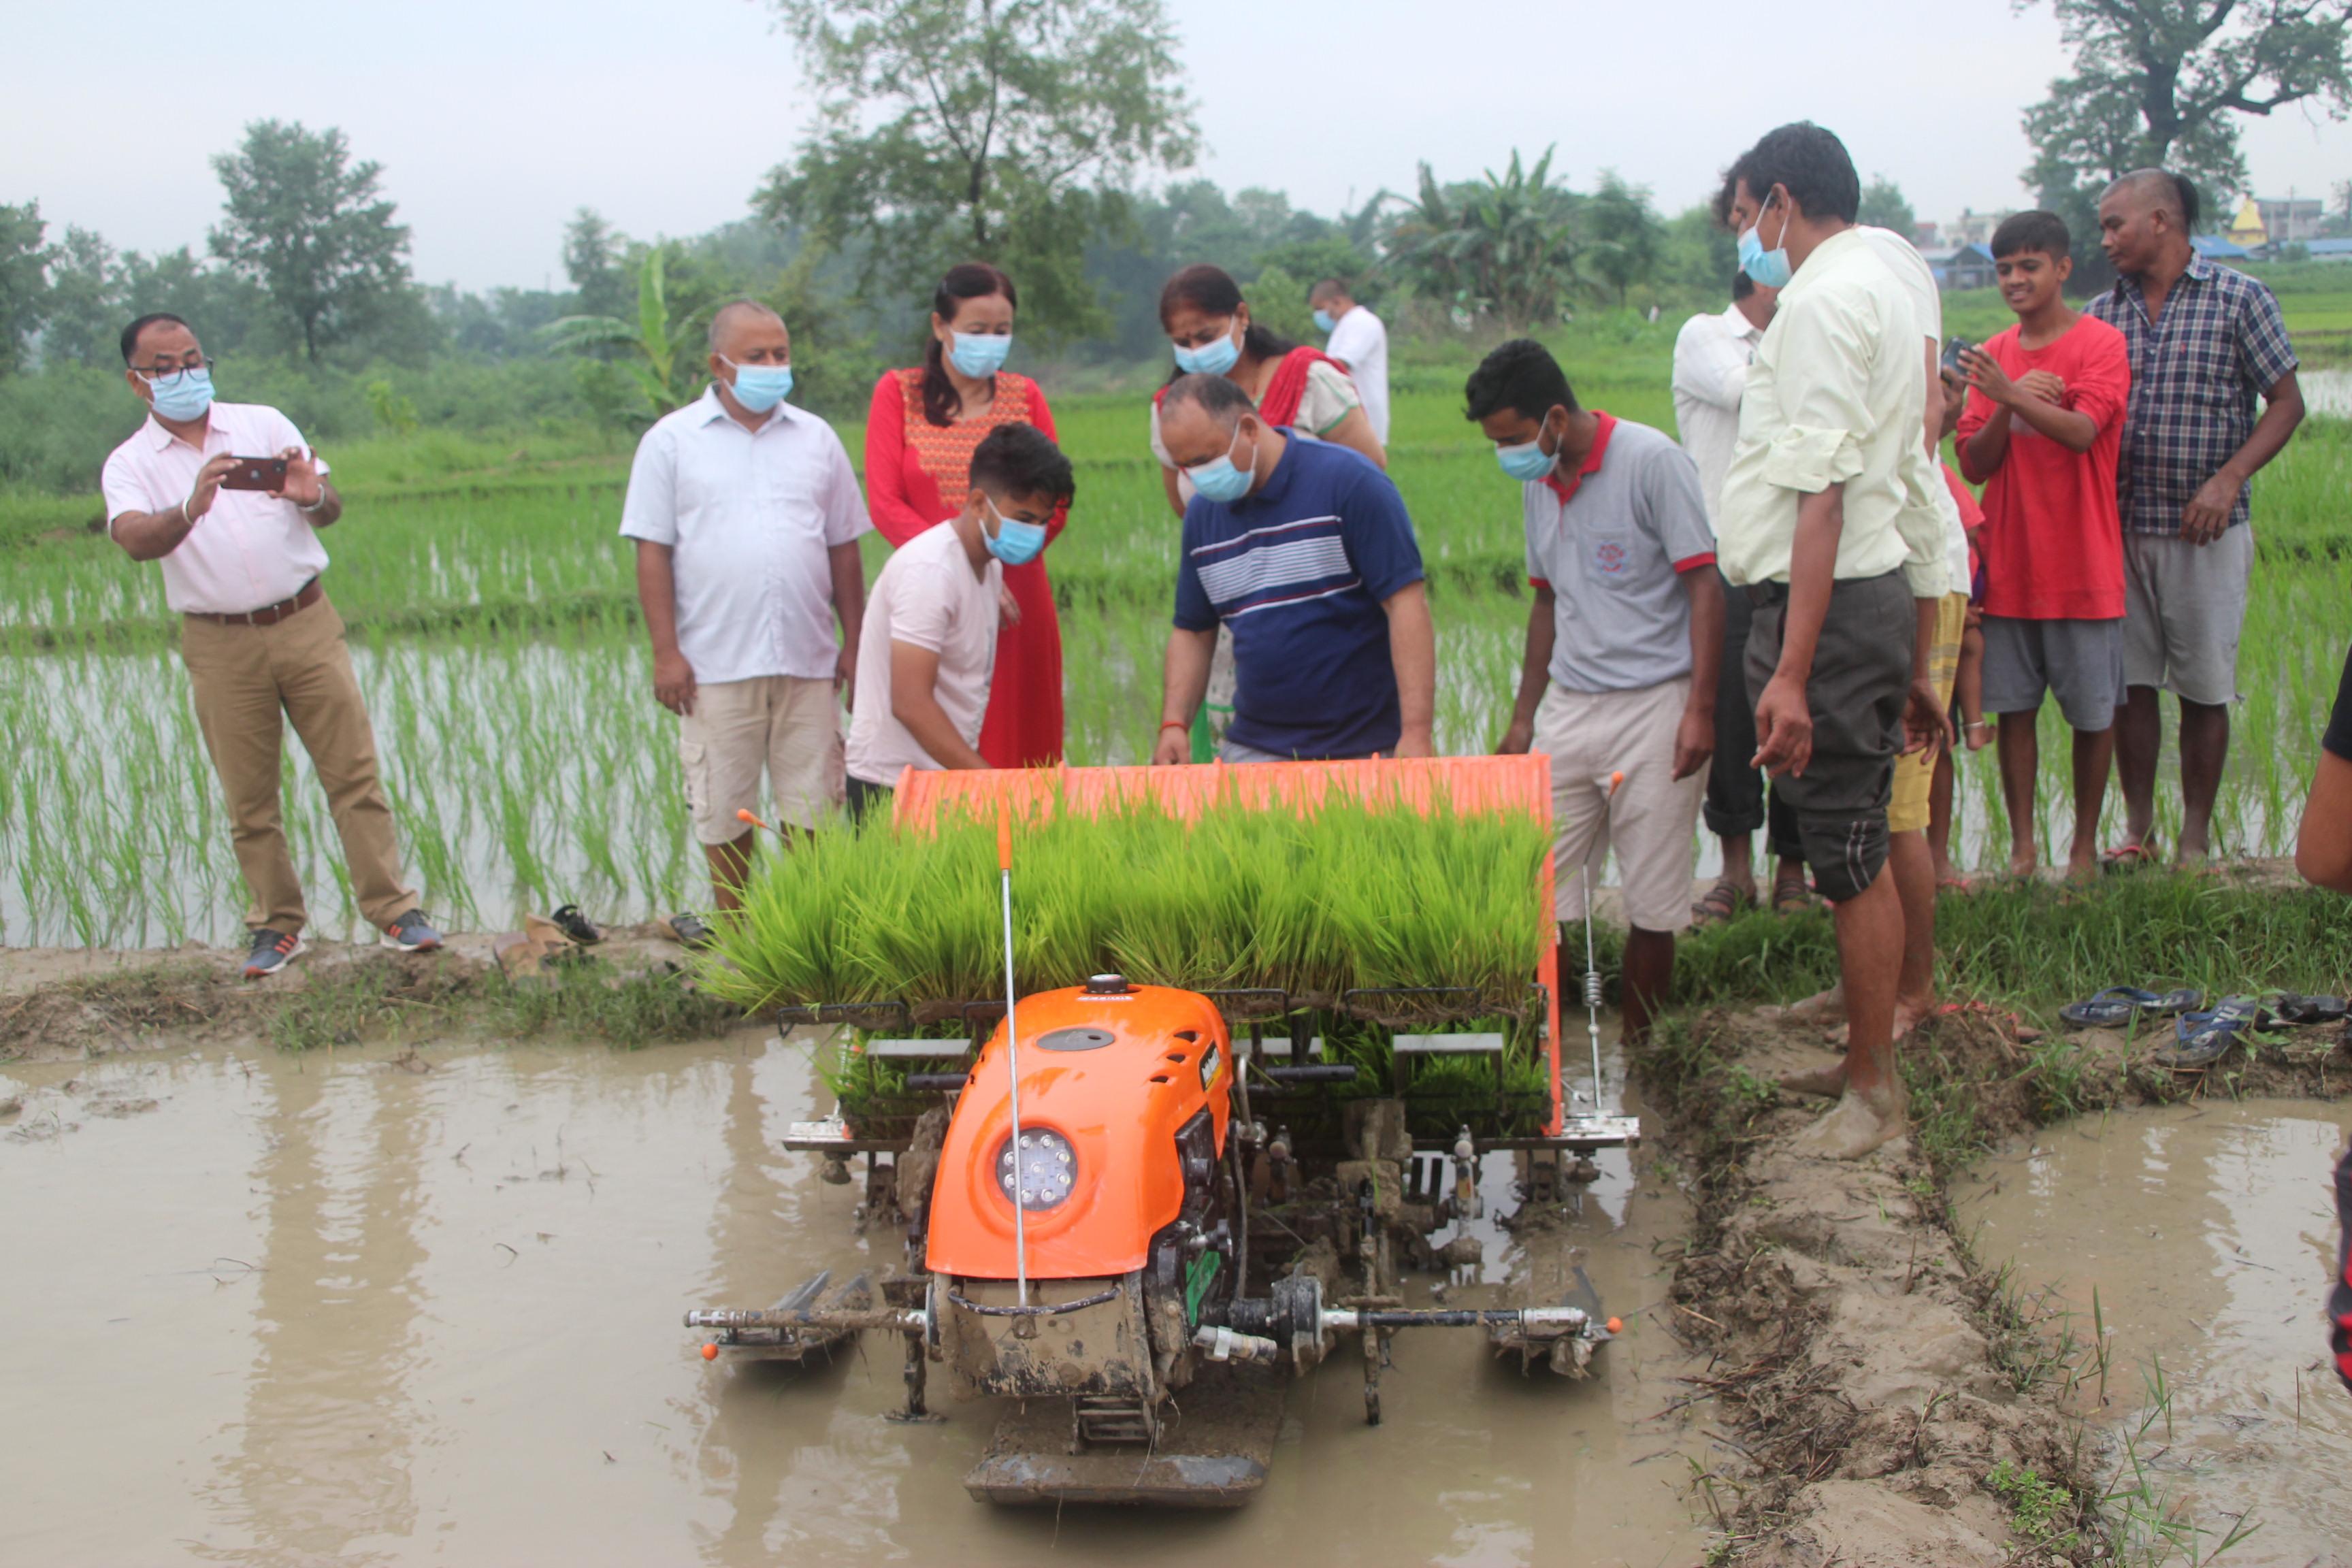 मेशिनले धान रोपेपछि स्थानीय दंग, चक्लाबन्दी गर्ने किसानलाई १० हजार अनुदान